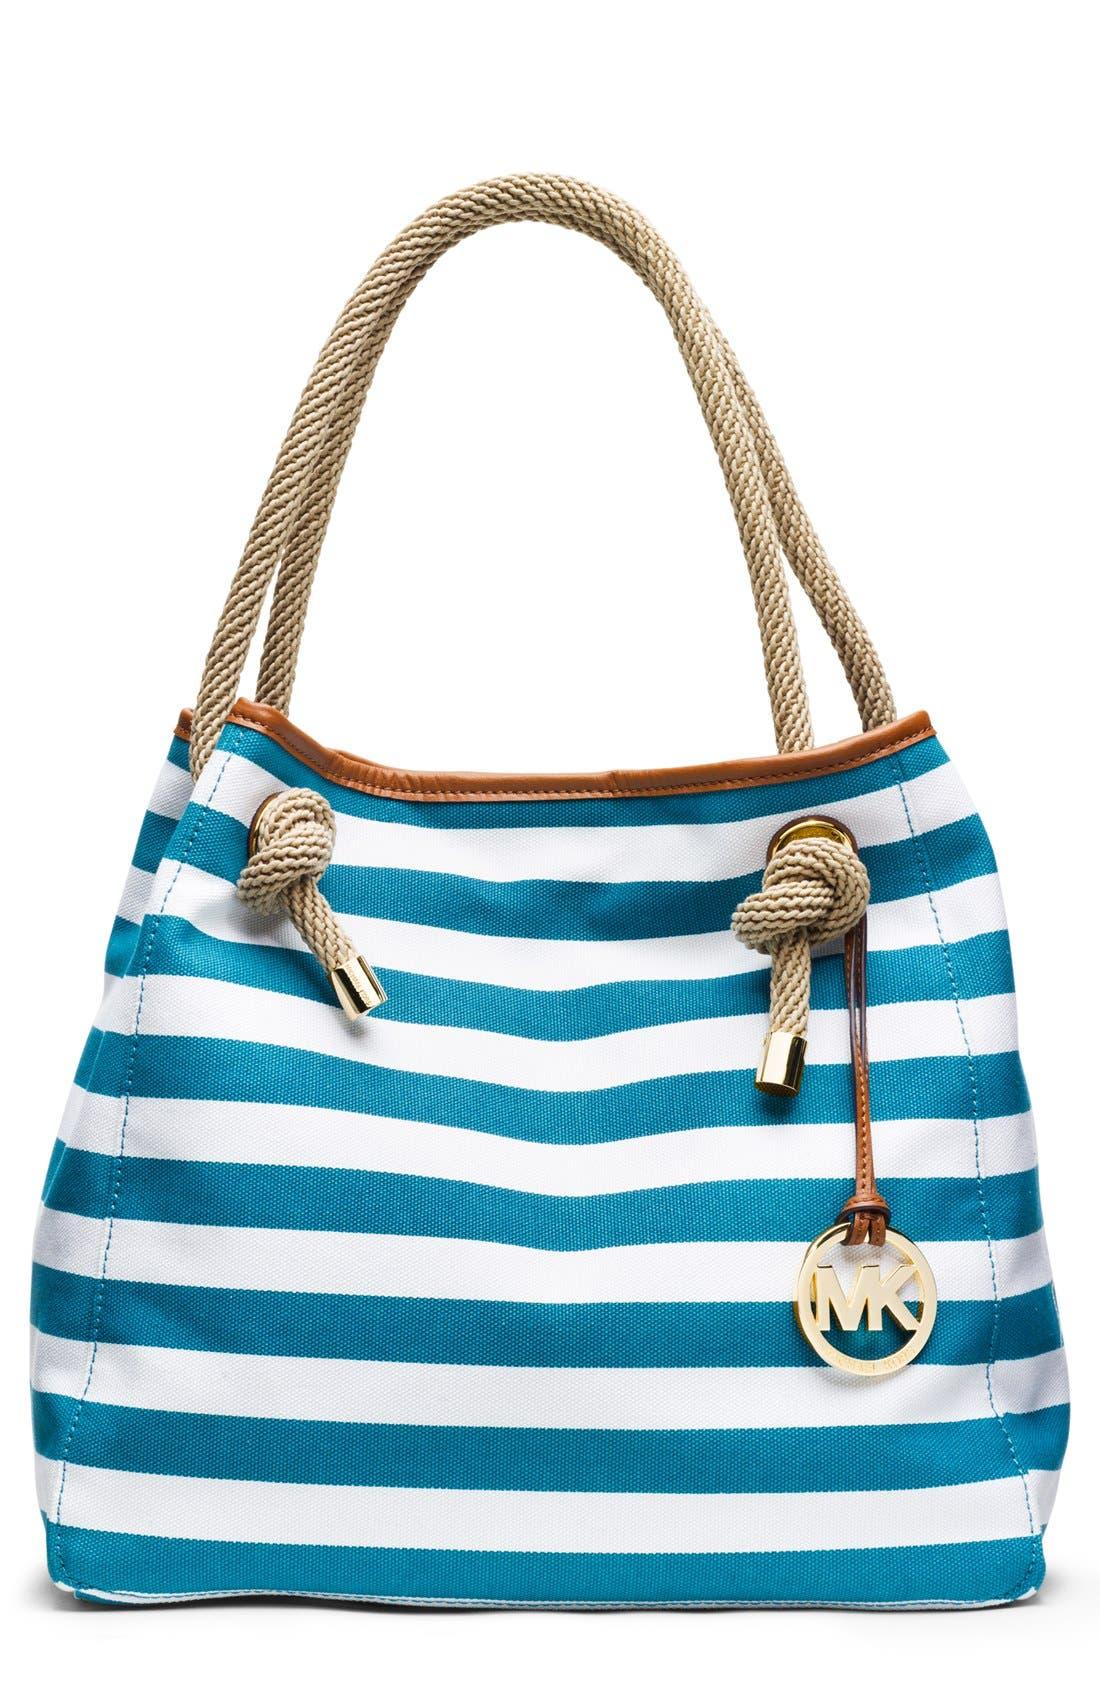 Main Image - MICHAEL Michael Kors 'Large' Grab Bag